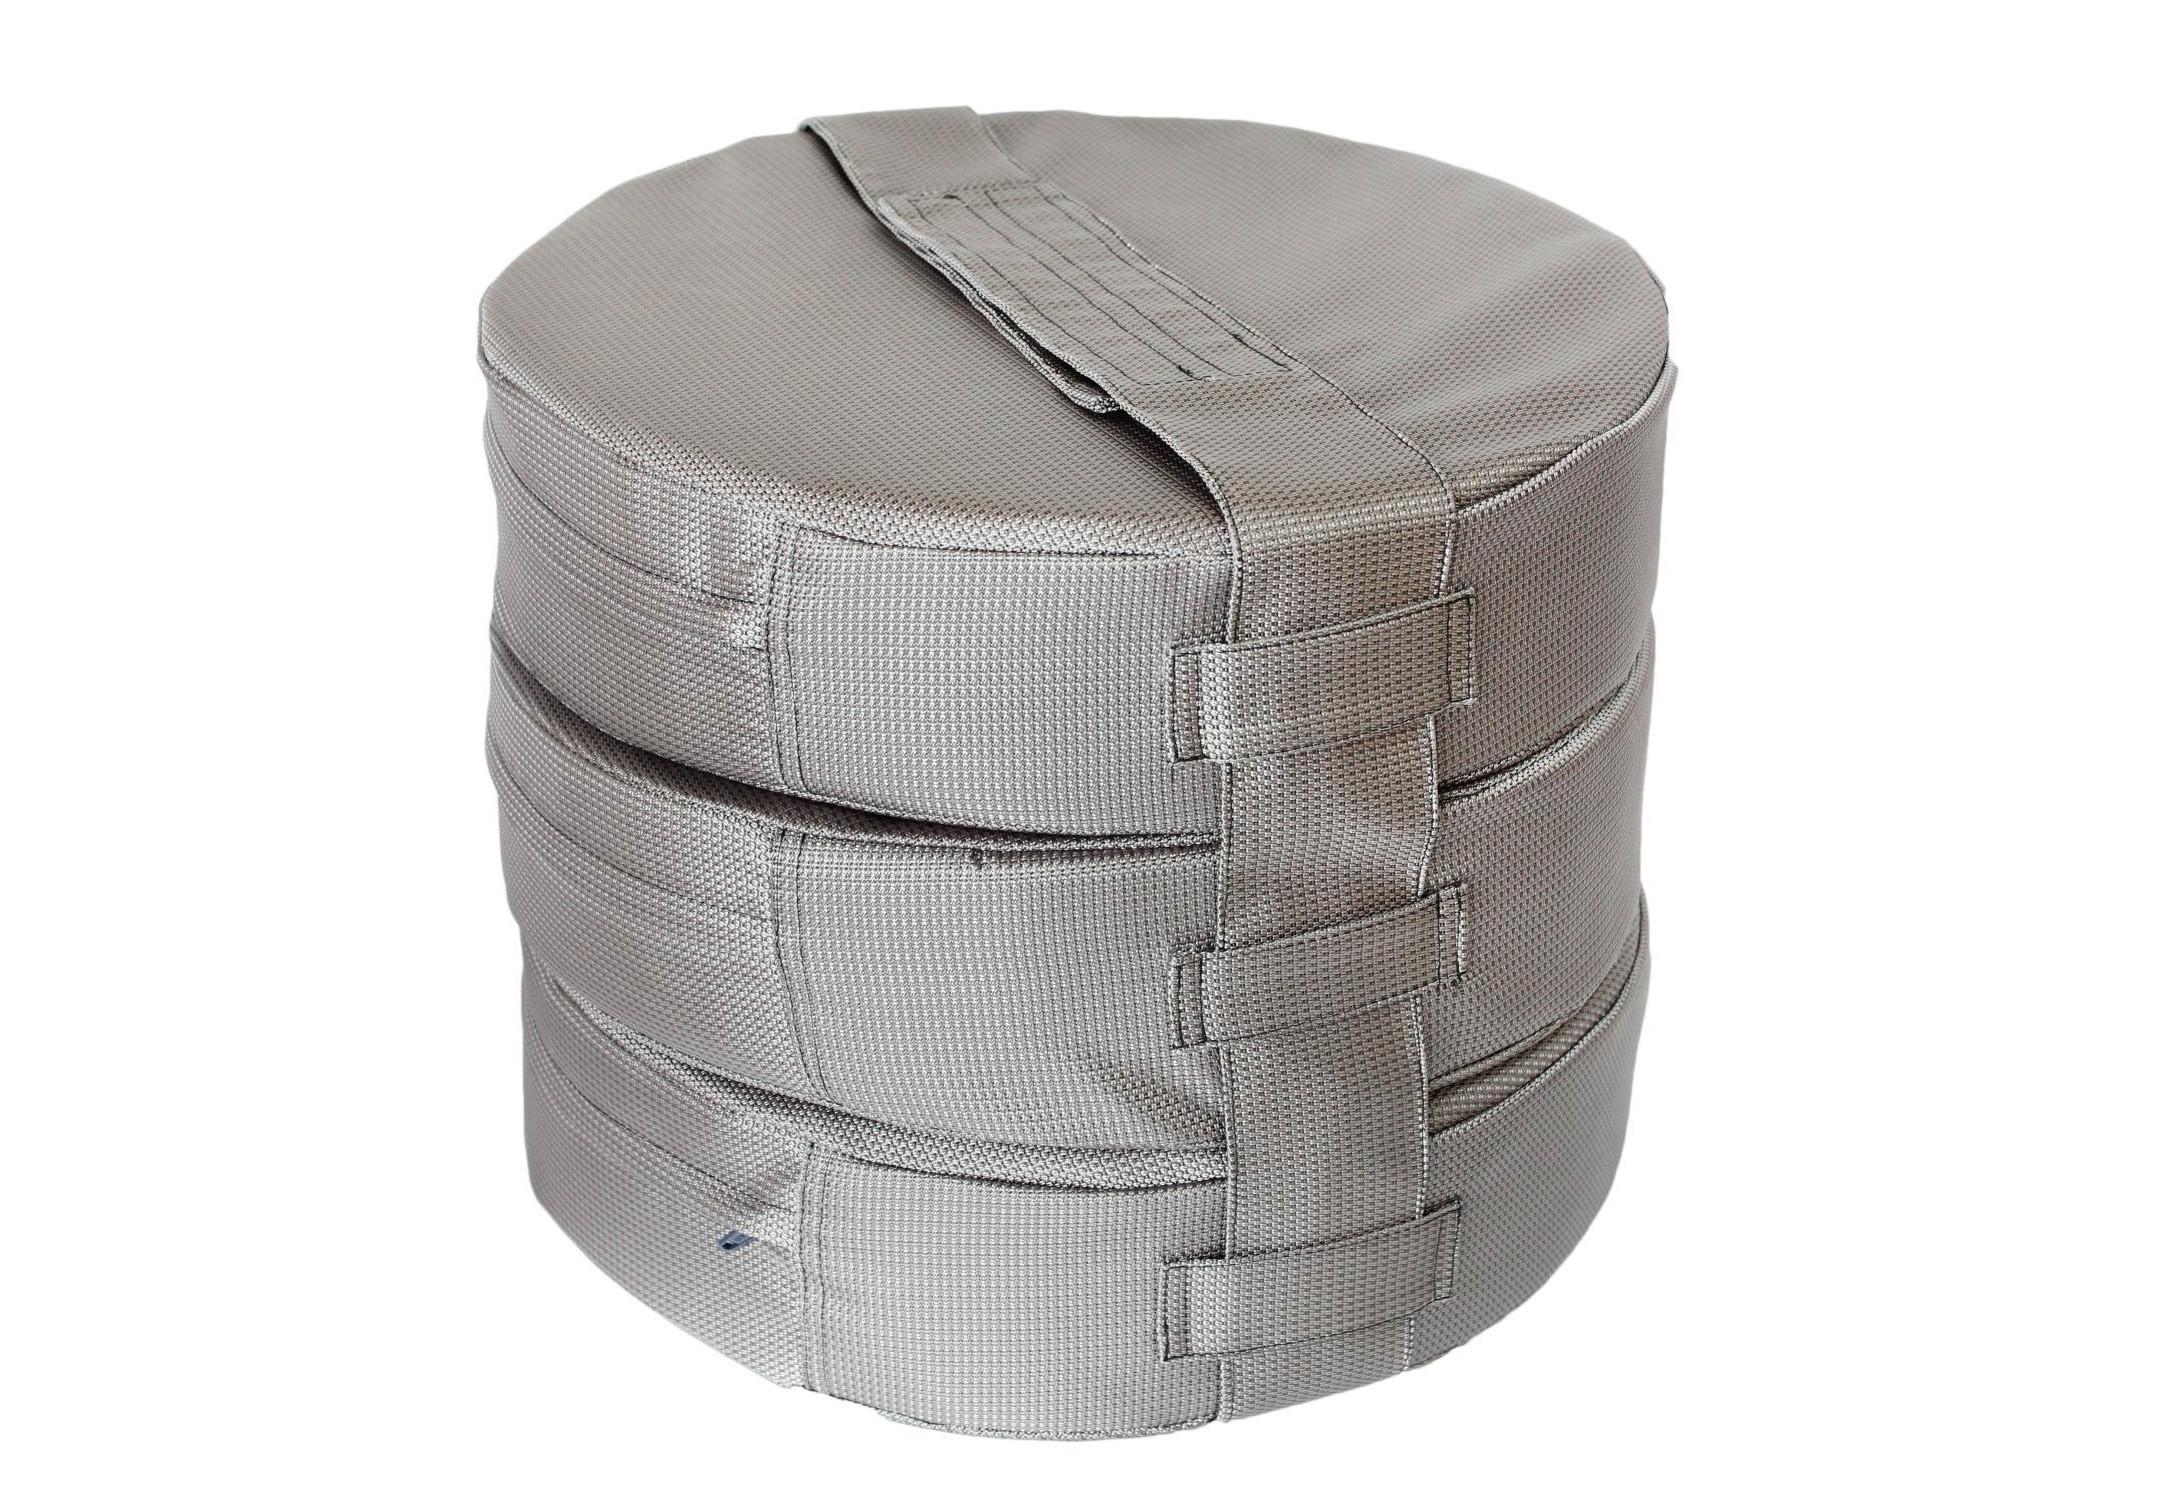 Подушка на пол Silver (3шт)Форменные пуфы<br>Мягкие и очень удобные подушки на пол из водооталкивающей ткани с наполнителем из поролона станут функциональным предметом для комфортного отдыха. Контраст вставки с основным цветом изделия добавит изюминку в ваше пространство! Подушка сшита из очень плотной ткани с водооталкивающей пропиткой с внешней стороны, поэтому идеально подойдет для уличного декора. Набор подушек удобно хранить и перевозить в машине, за счет компактной упаковки. При загрязнении ее достаточно протереть влажной салфеткой!&amp;nbsp;Размер каждой подушки 10х40 см.&amp;nbsp;<br><br>kit: None<br>gender: None